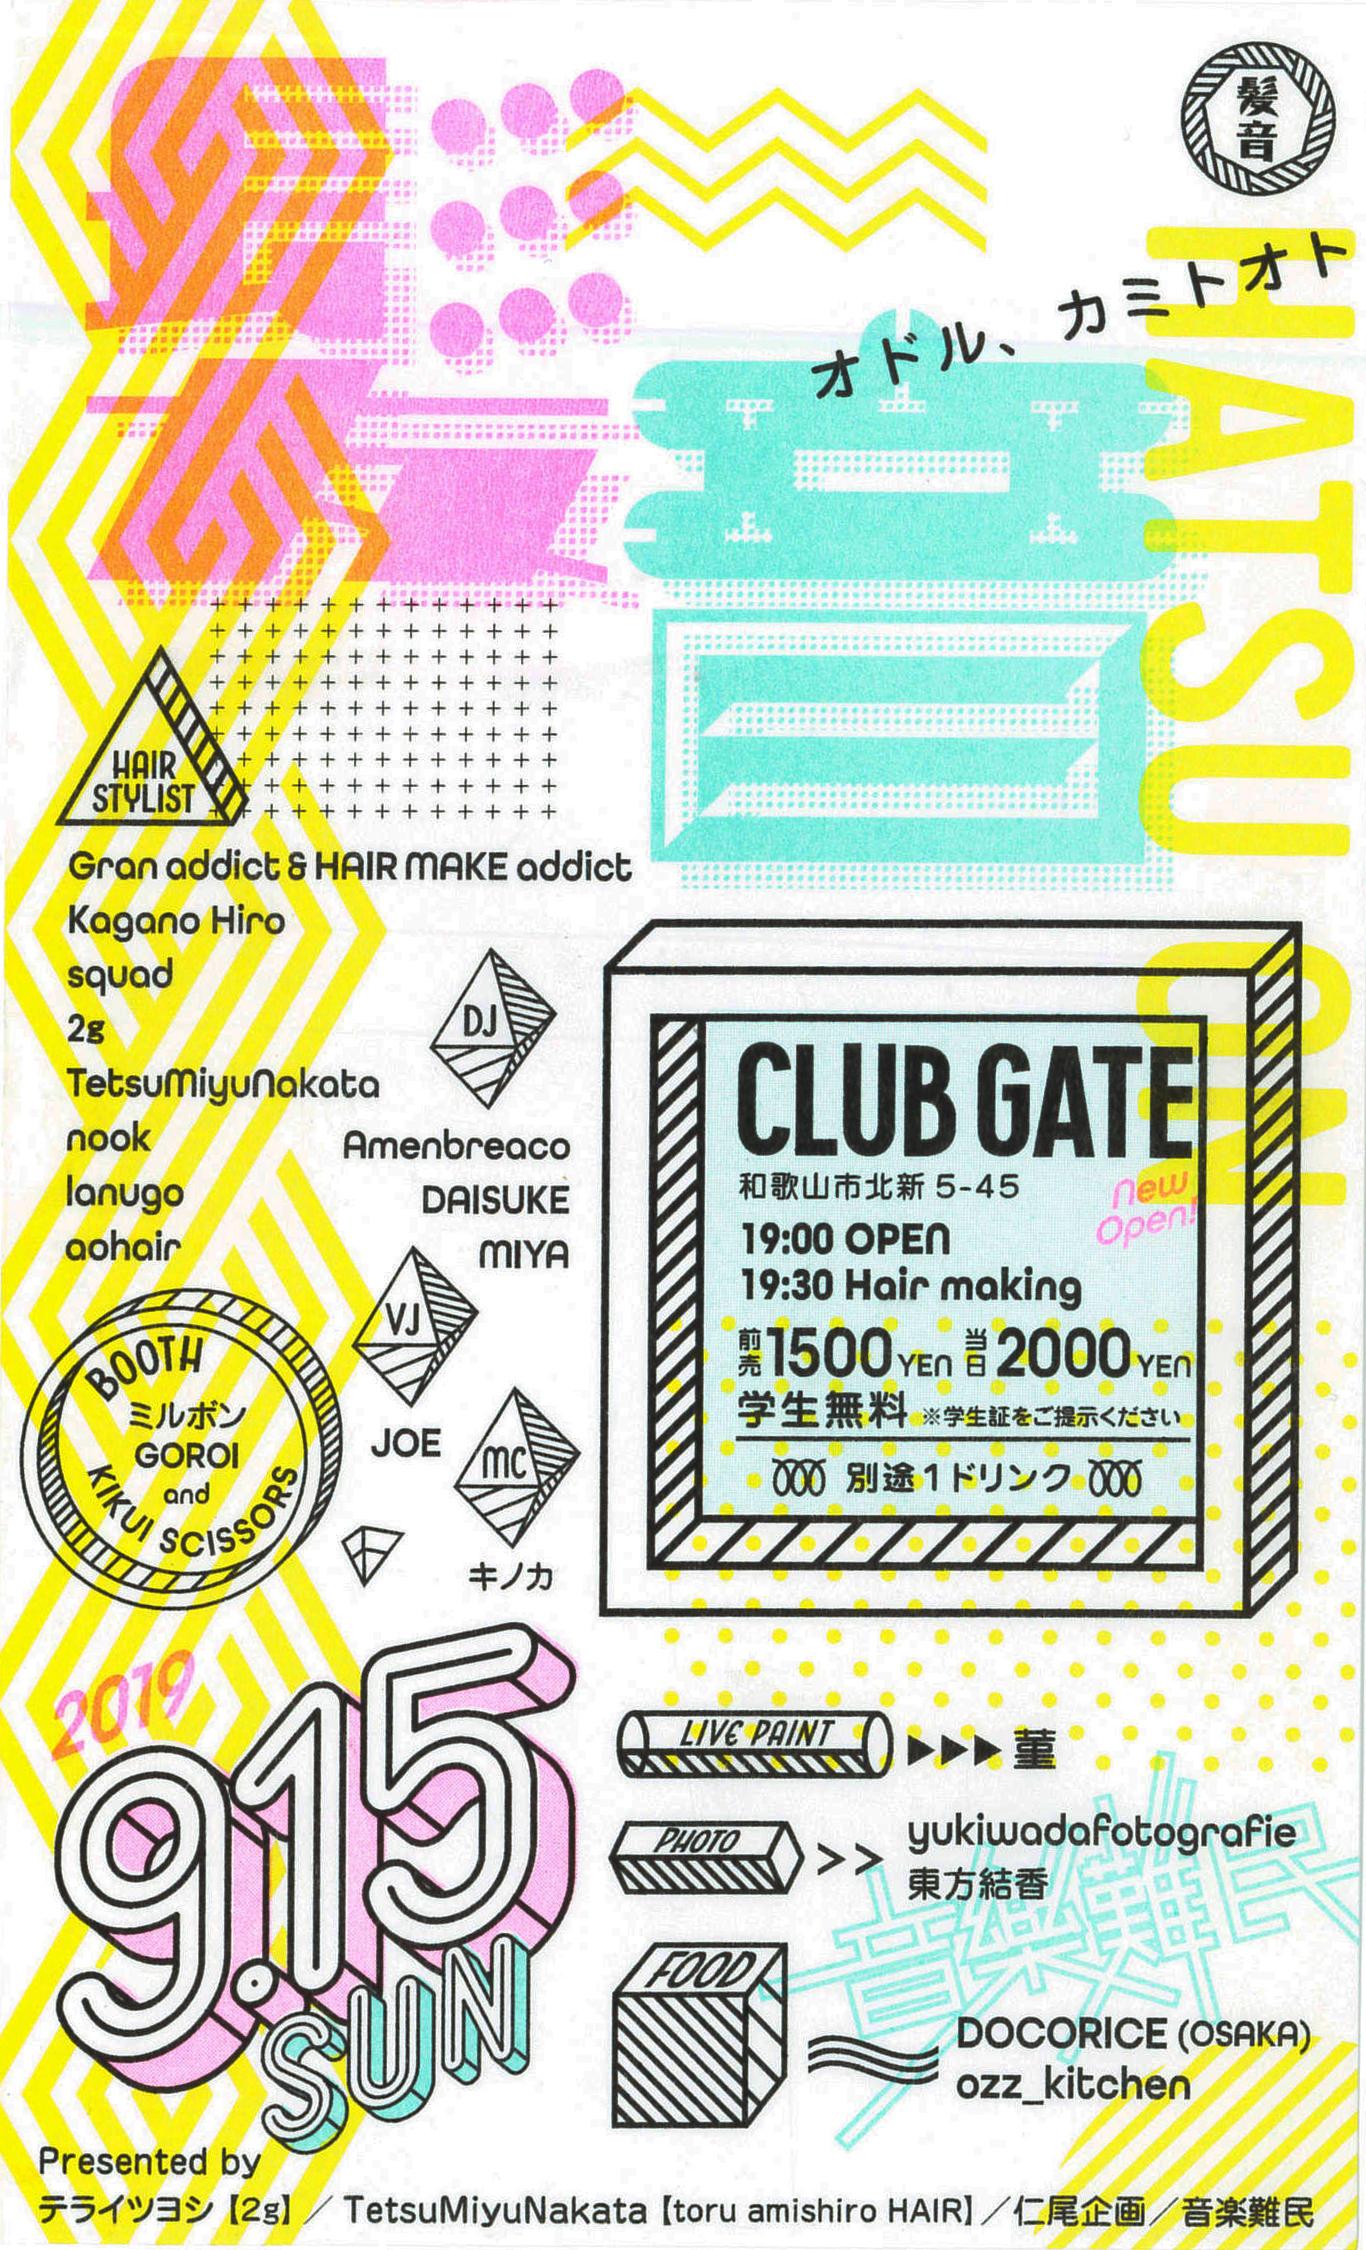 髪音〜オドル、カミトオト〜 @新CLUB GATE